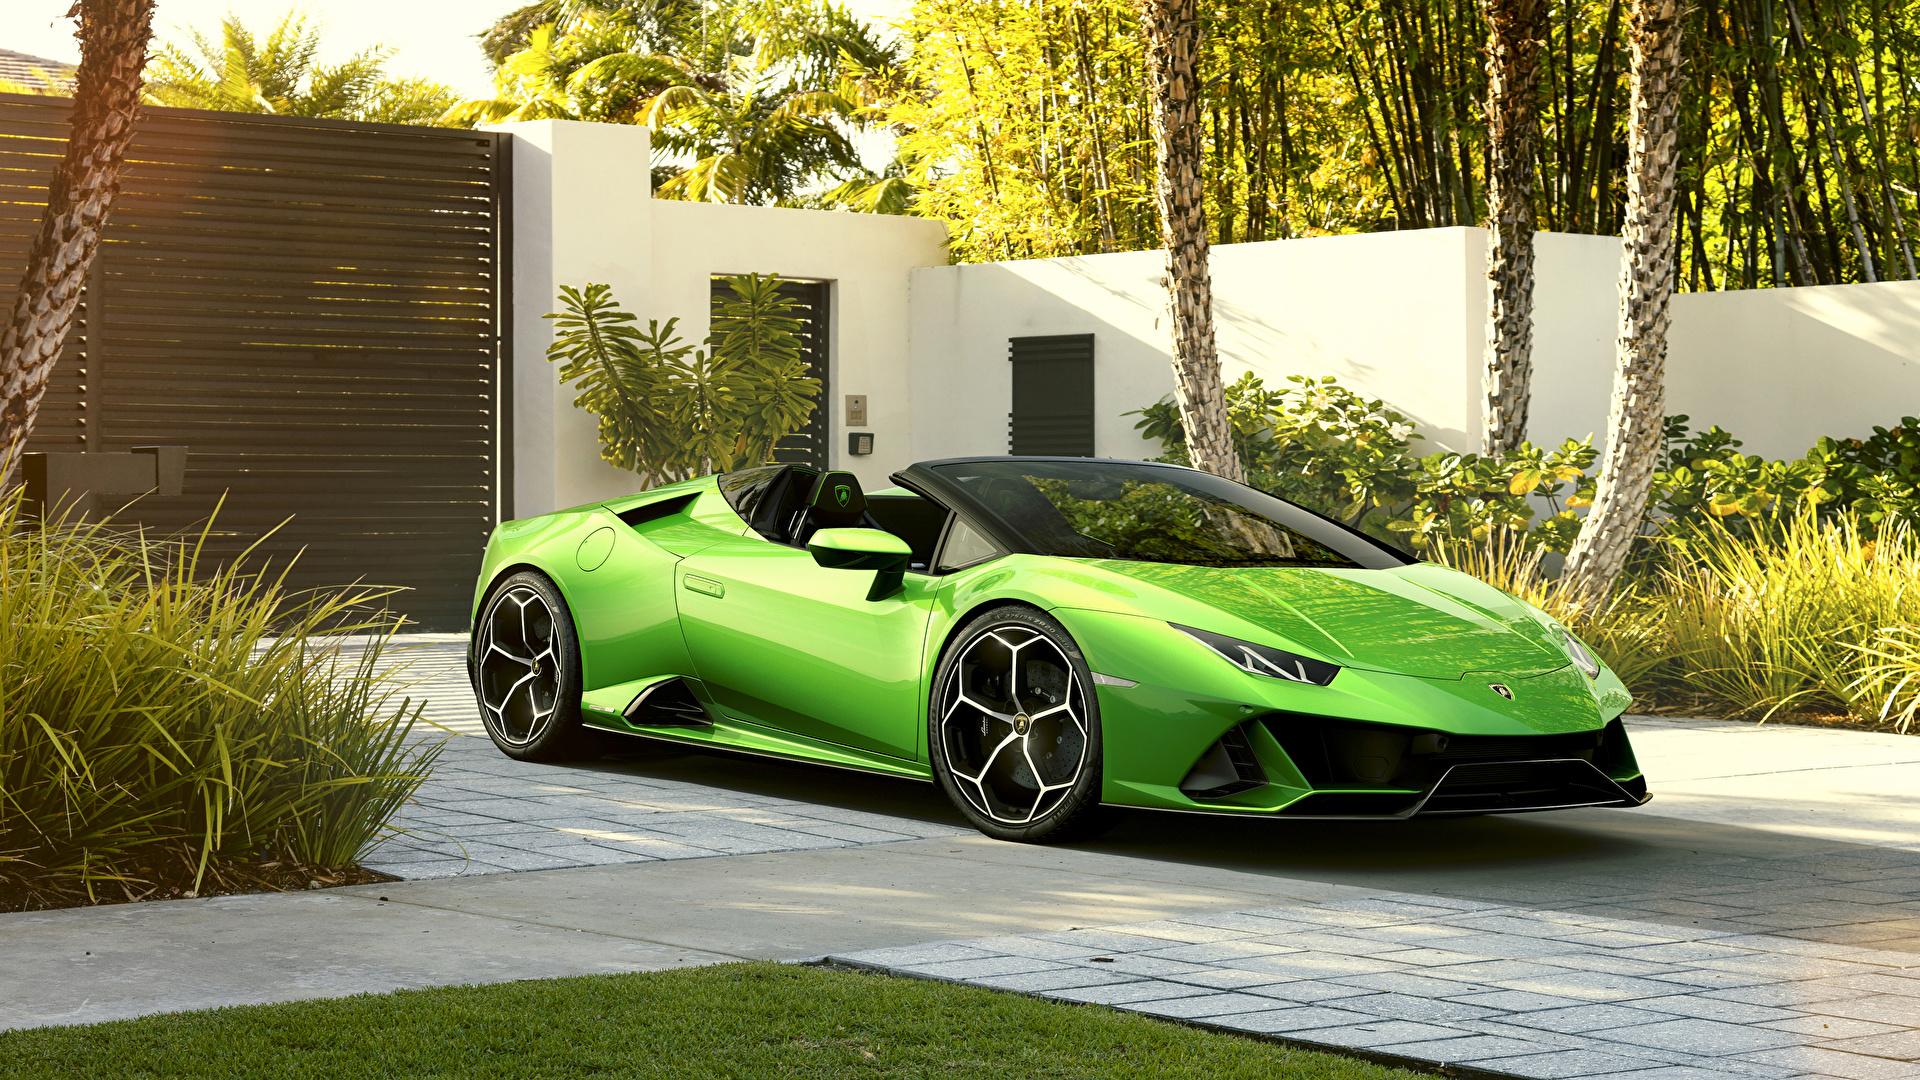 Фотографии Lamborghini 2019 Huracan EVO Spyder Родстер салатовая Металлик Автомобили 1920x1080 Ламборгини Салатовый салатовые желто зеленый авто машина машины автомобиль